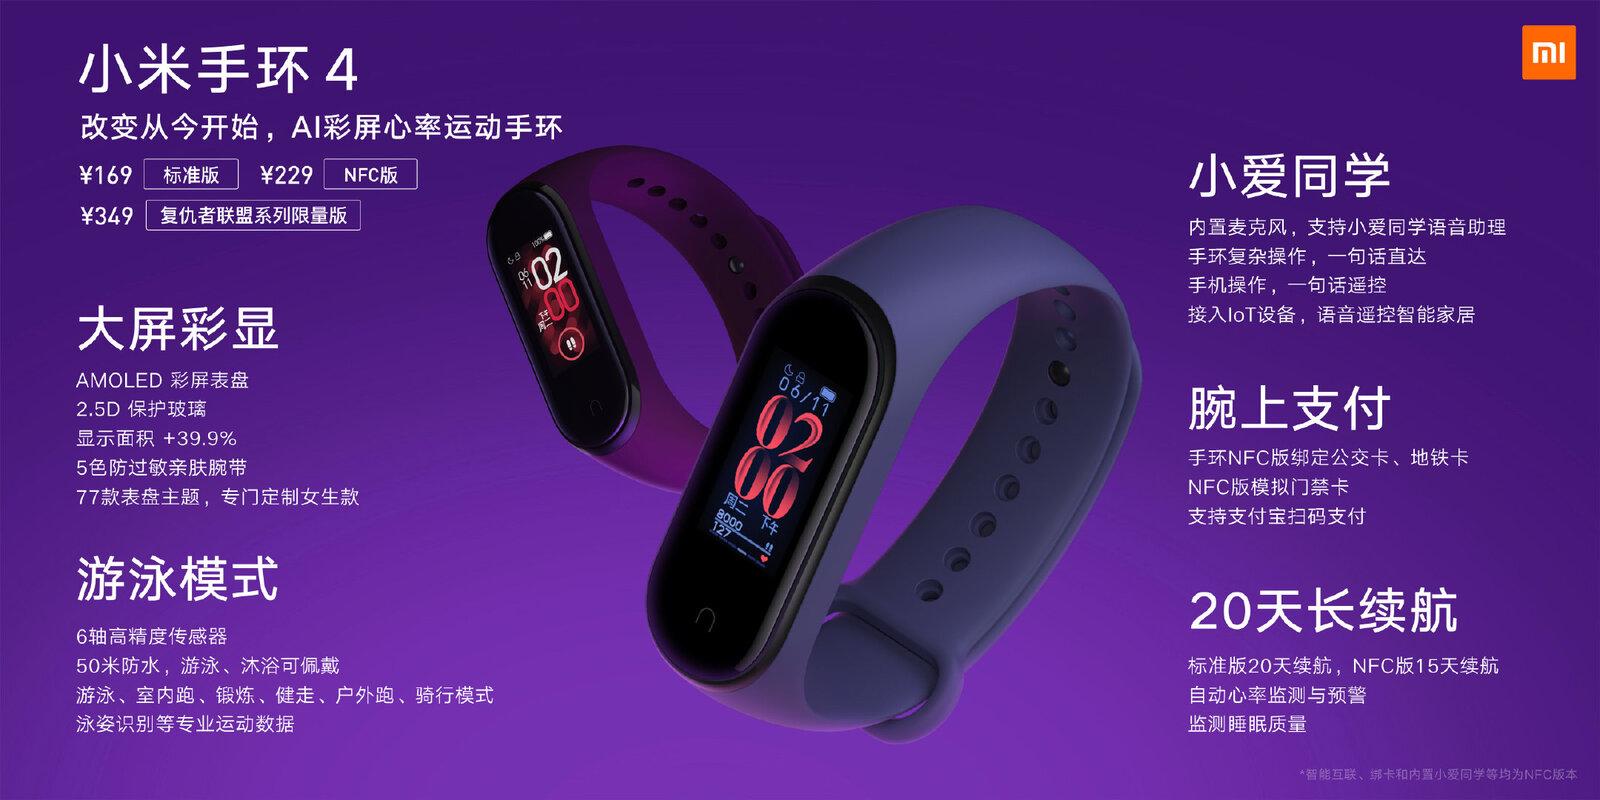 小米手环 4 发布 有彩色 AMOLED 屏幕、20 日备用时间